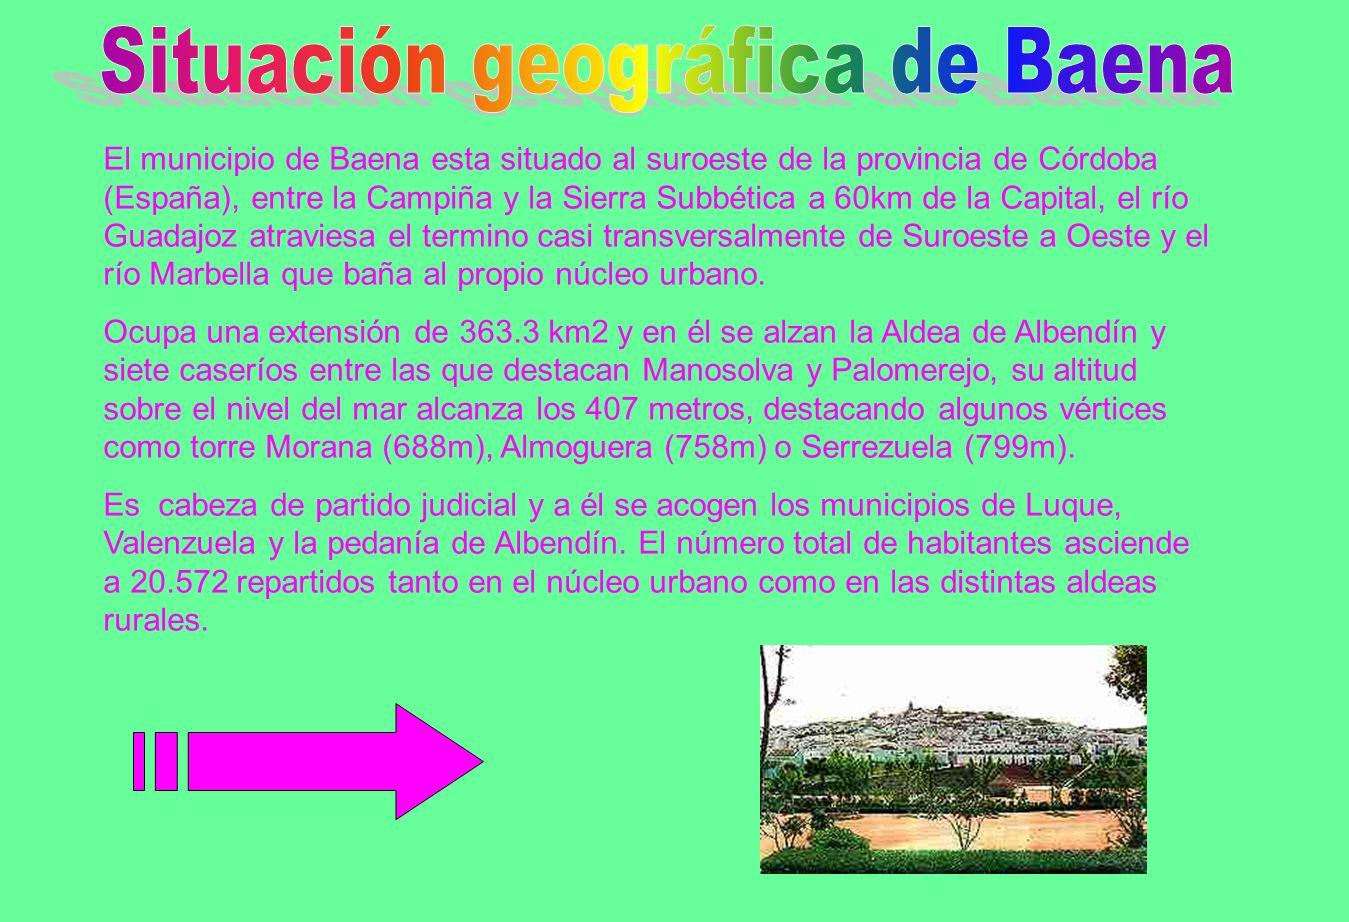 Situación geográfica de Baena